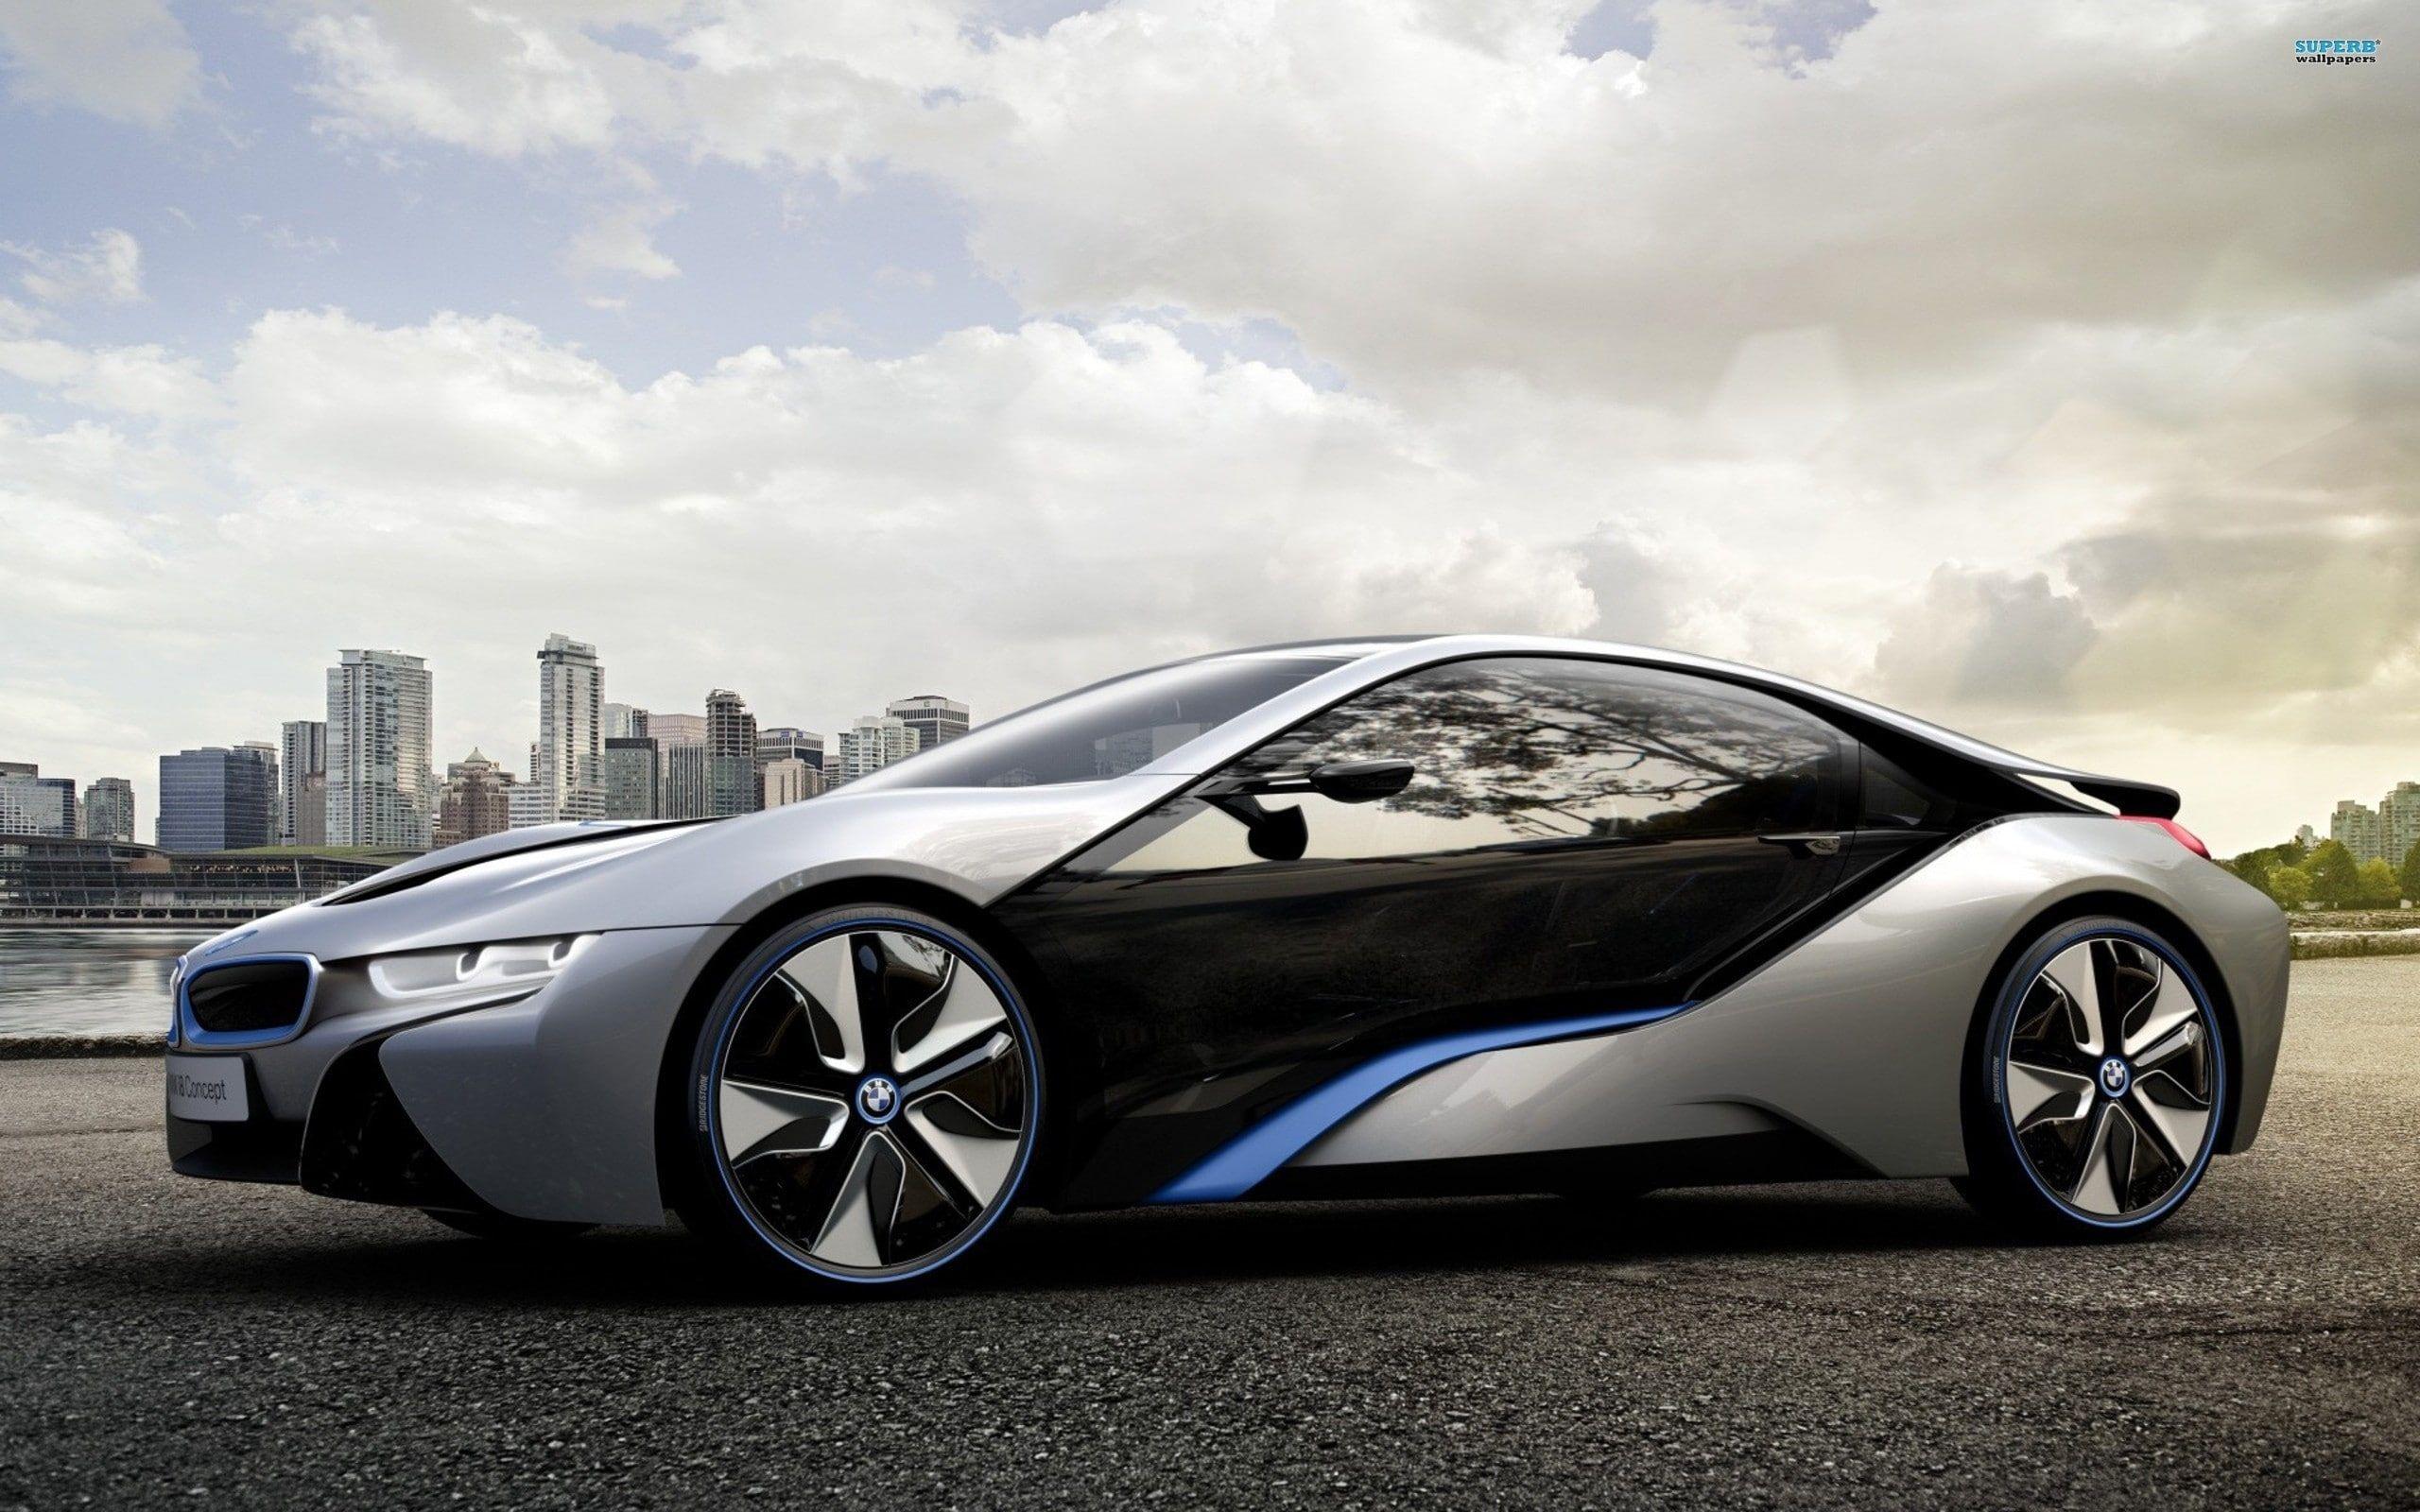 Bmw Cars Concept Art Bmw I8 Concept Aircraft Concepts Hd Art Cars Bmw 2k Wallpaper Hdwallpaper Desktop In 2021 Bmw I8 Electric Car Concept Bmw